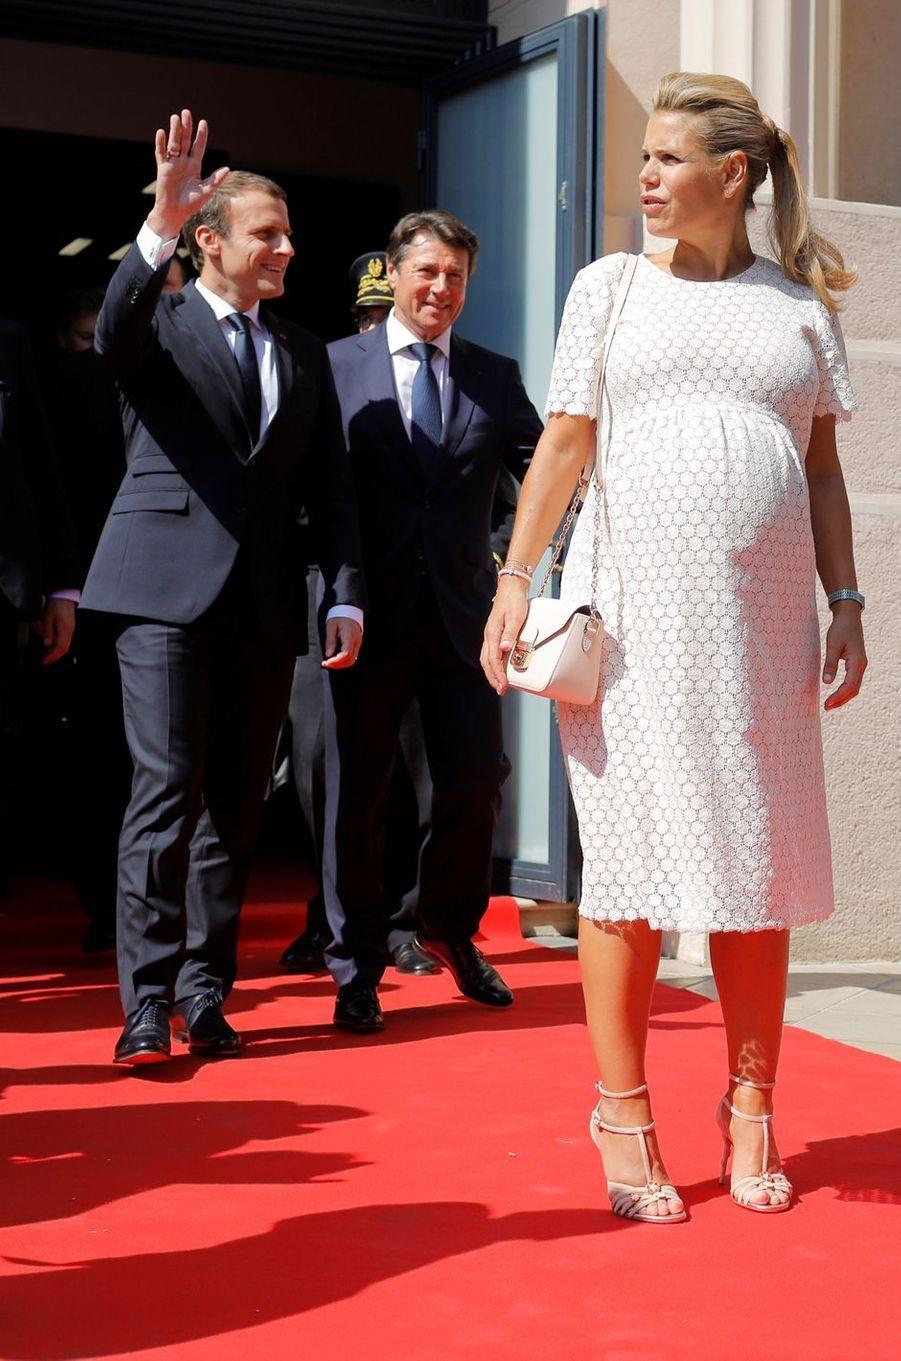 Arrivée d'Emmanuel Macron à Nice. Le président est accueilli par Christian Estrosi et son épouse Laura Tenoudji.